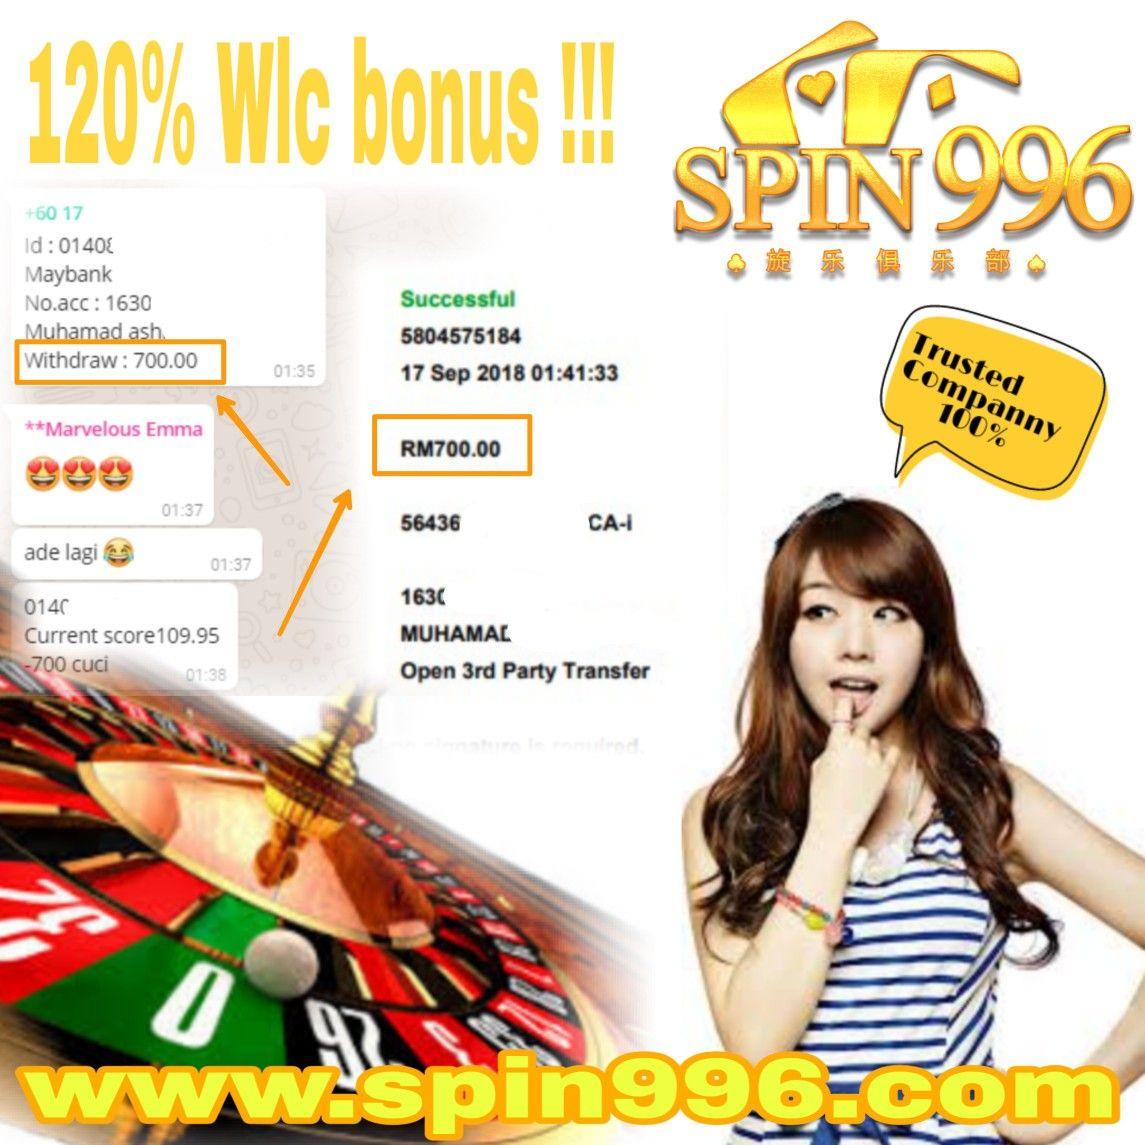 Casino online autorizzati aams